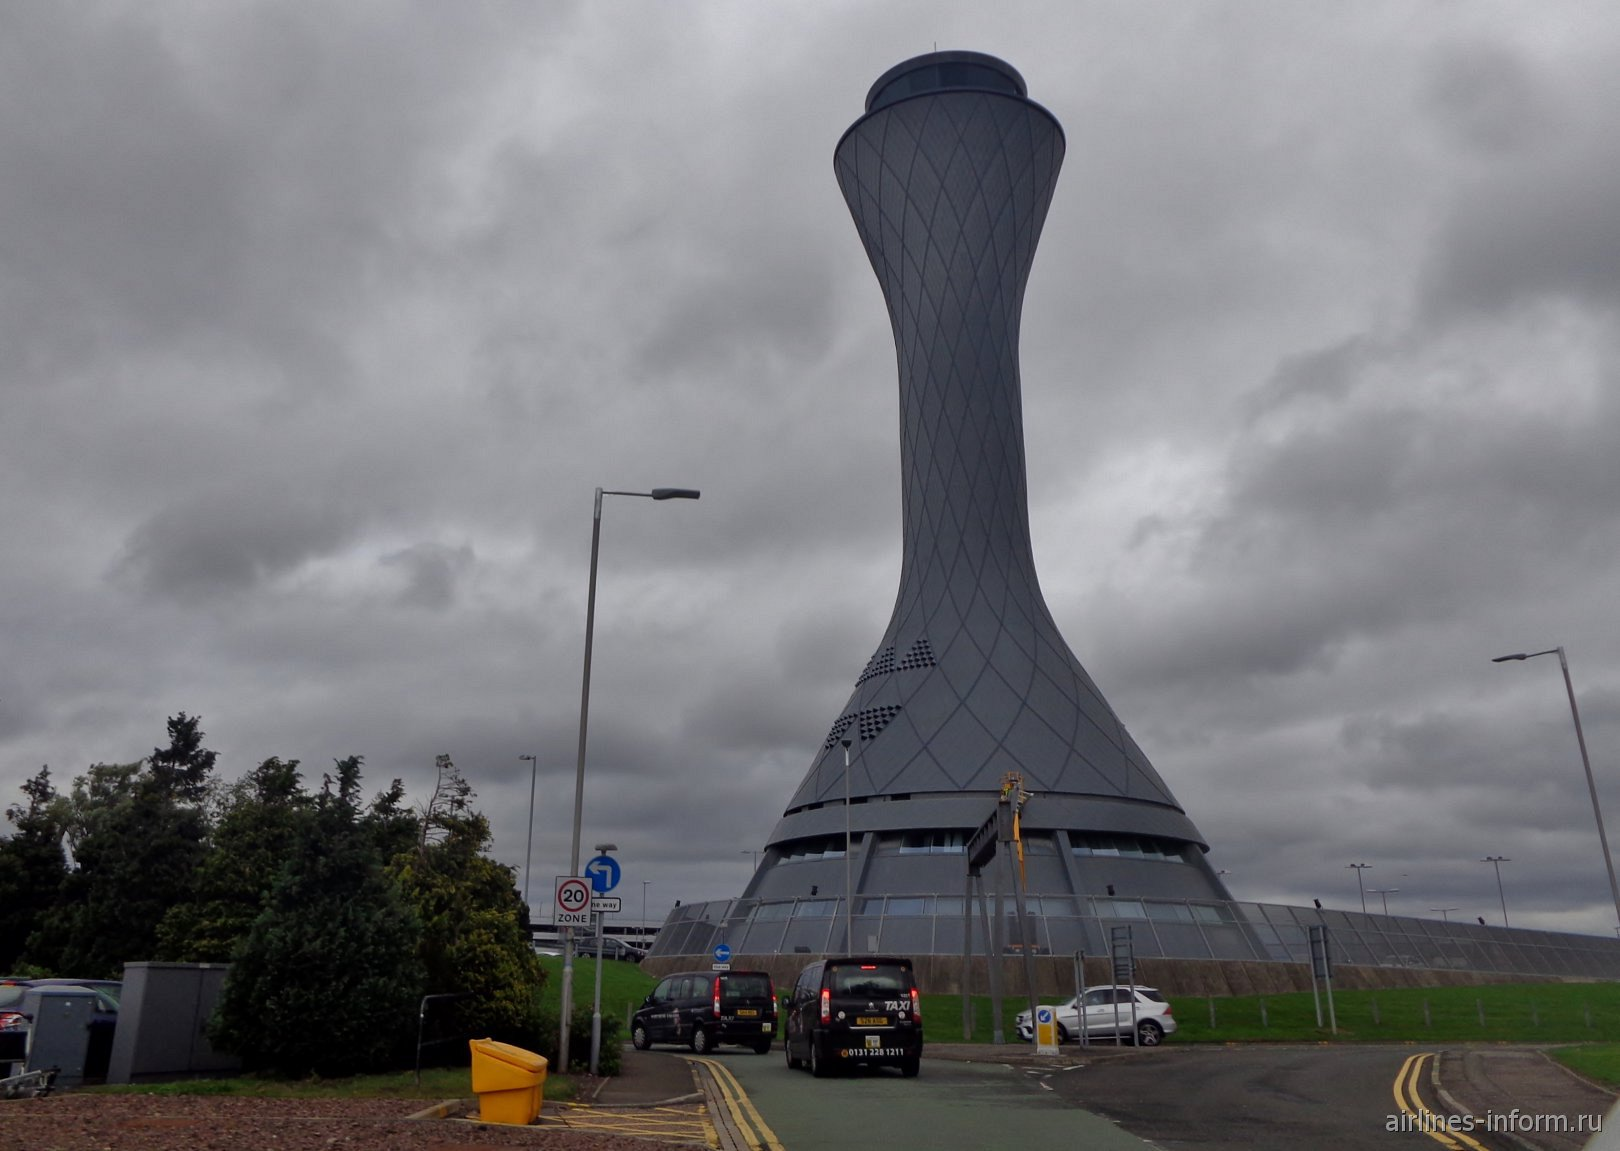 Диспетчерская башня аэропорта Эдинбург